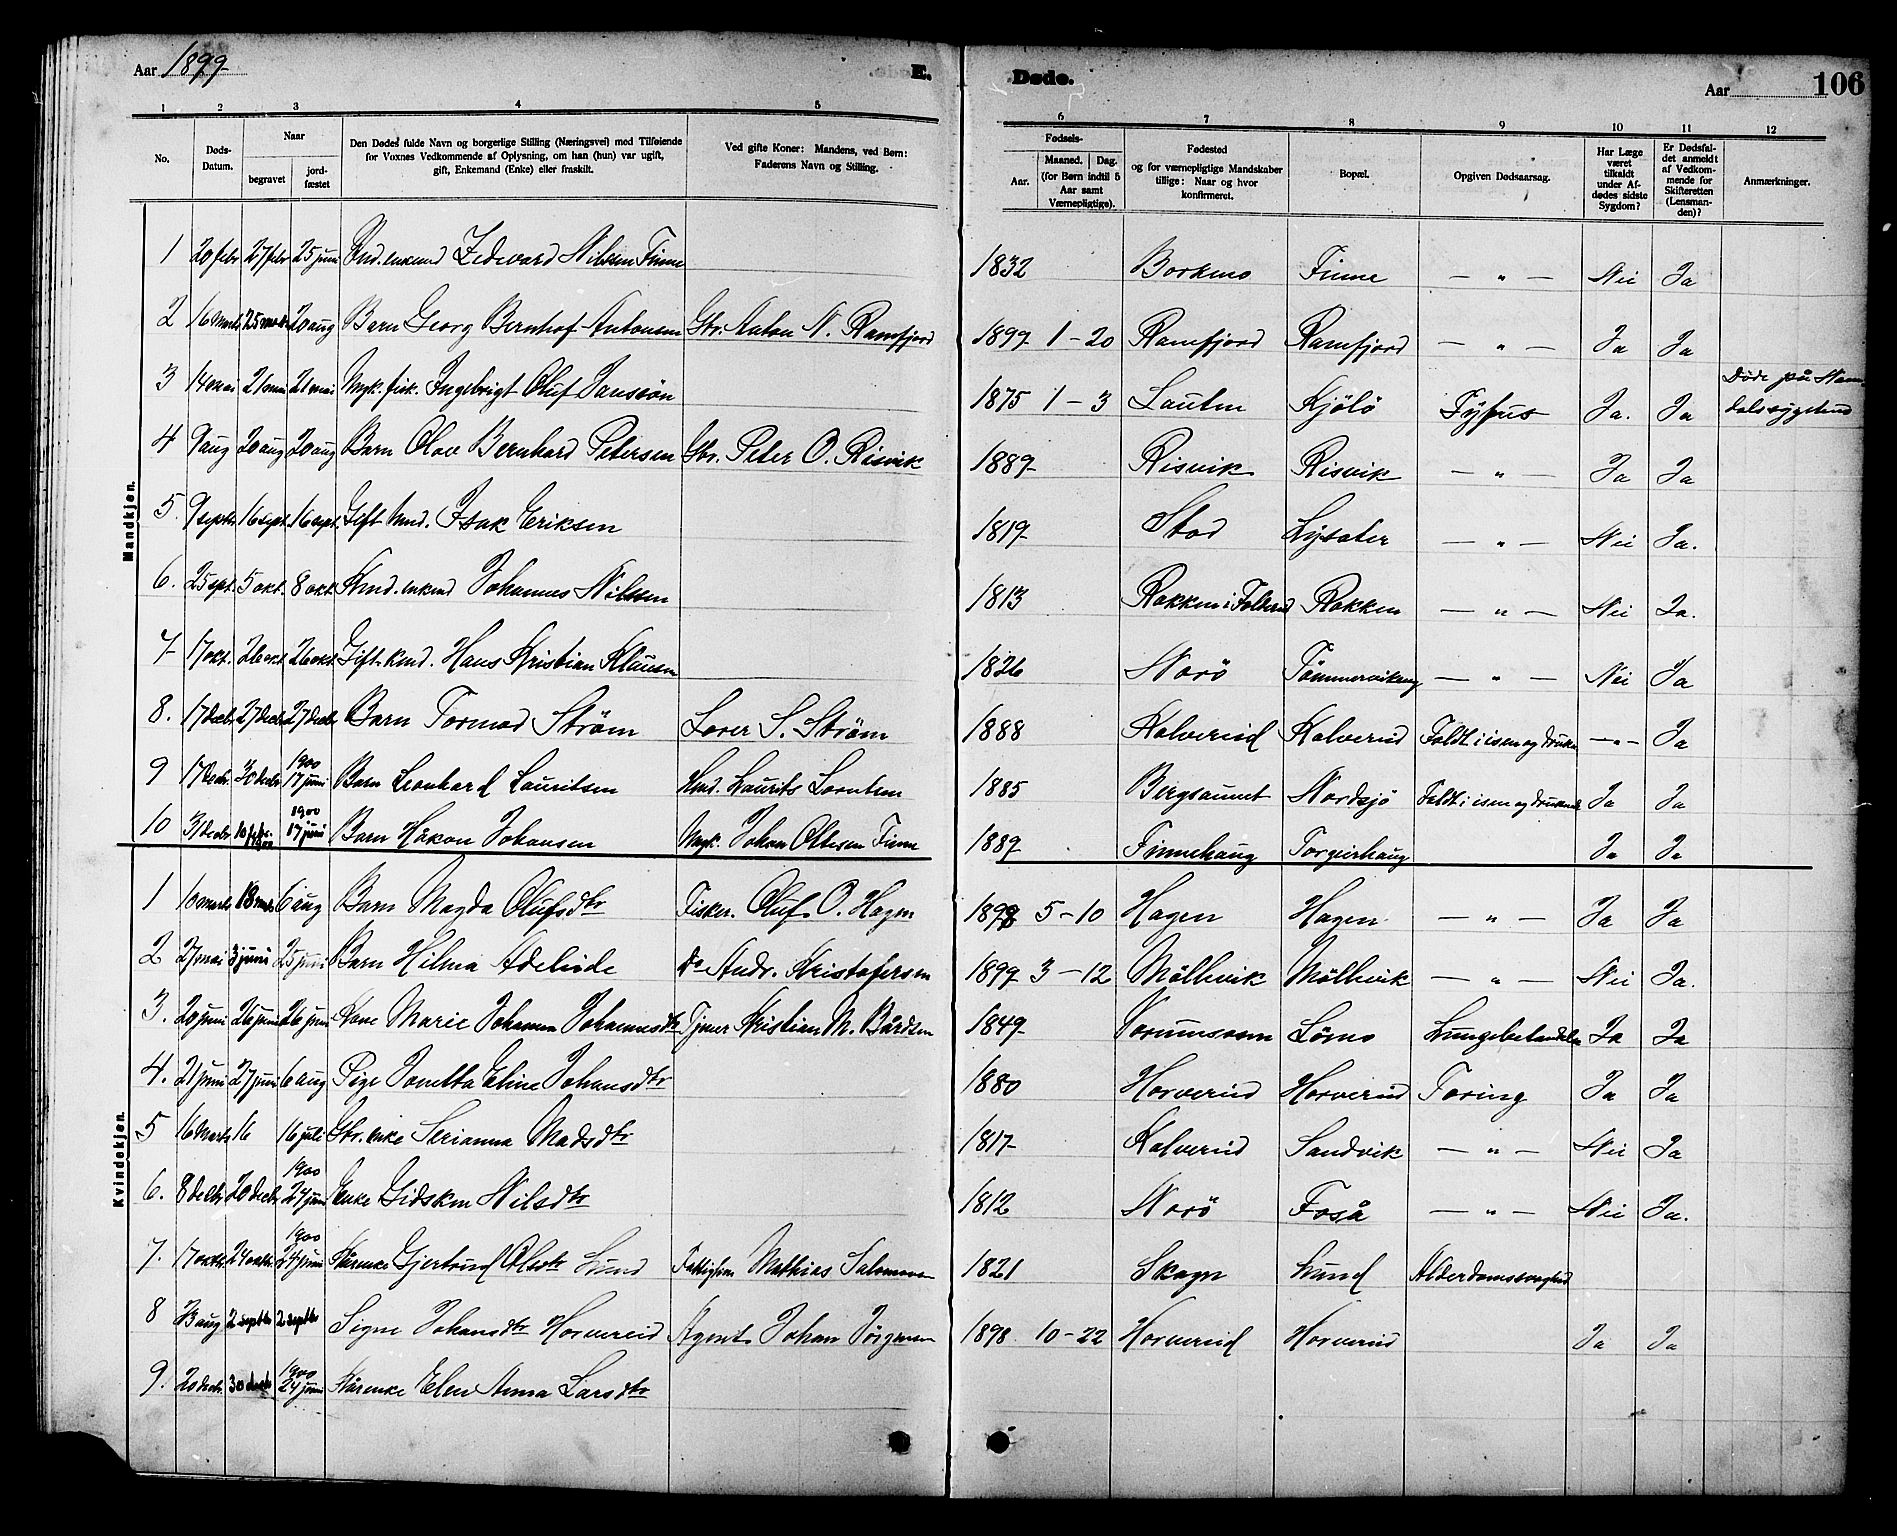 SAT, Ministerialprotokoller, klokkerbøker og fødselsregistre - Nord-Trøndelag, 780/L0652: Klokkerbok nr. 780C04, 1899-1911, s. 106